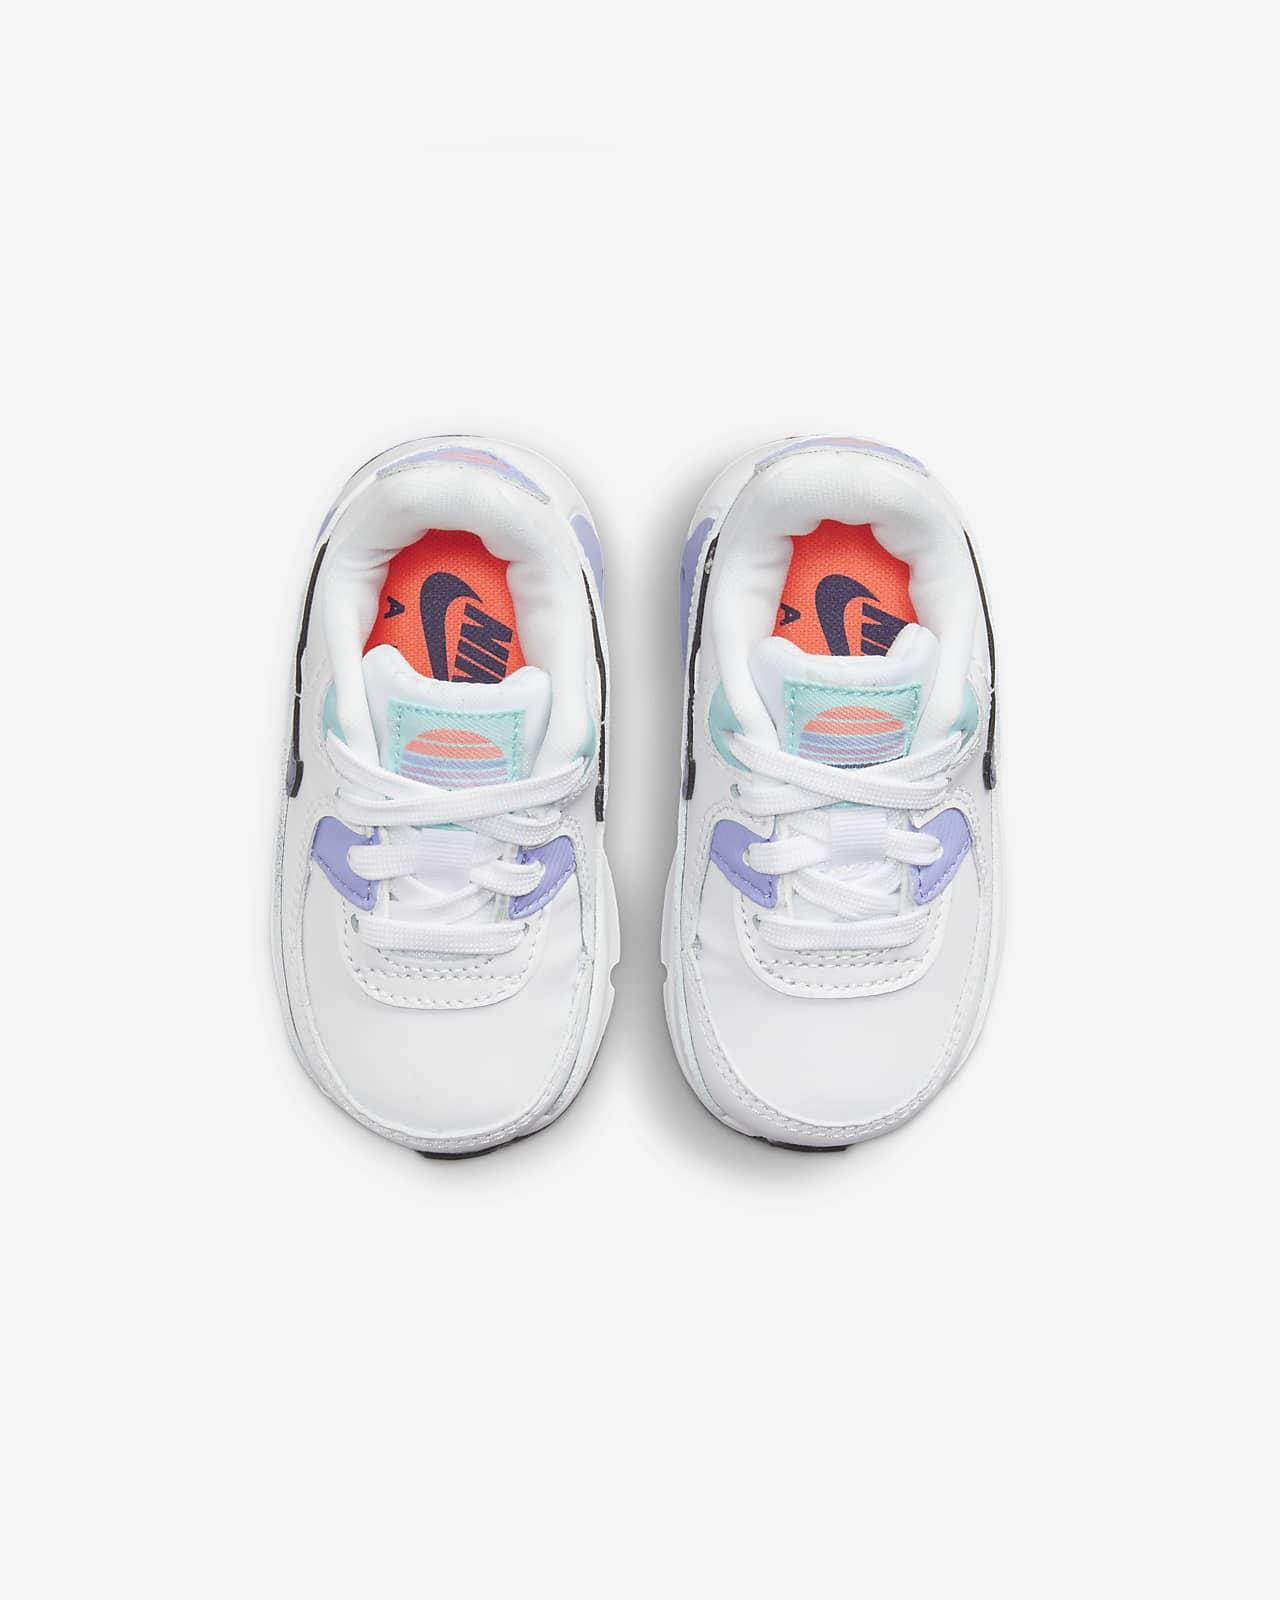 Nike Air Max 90 SE 2 Baby/Toddler Shoe